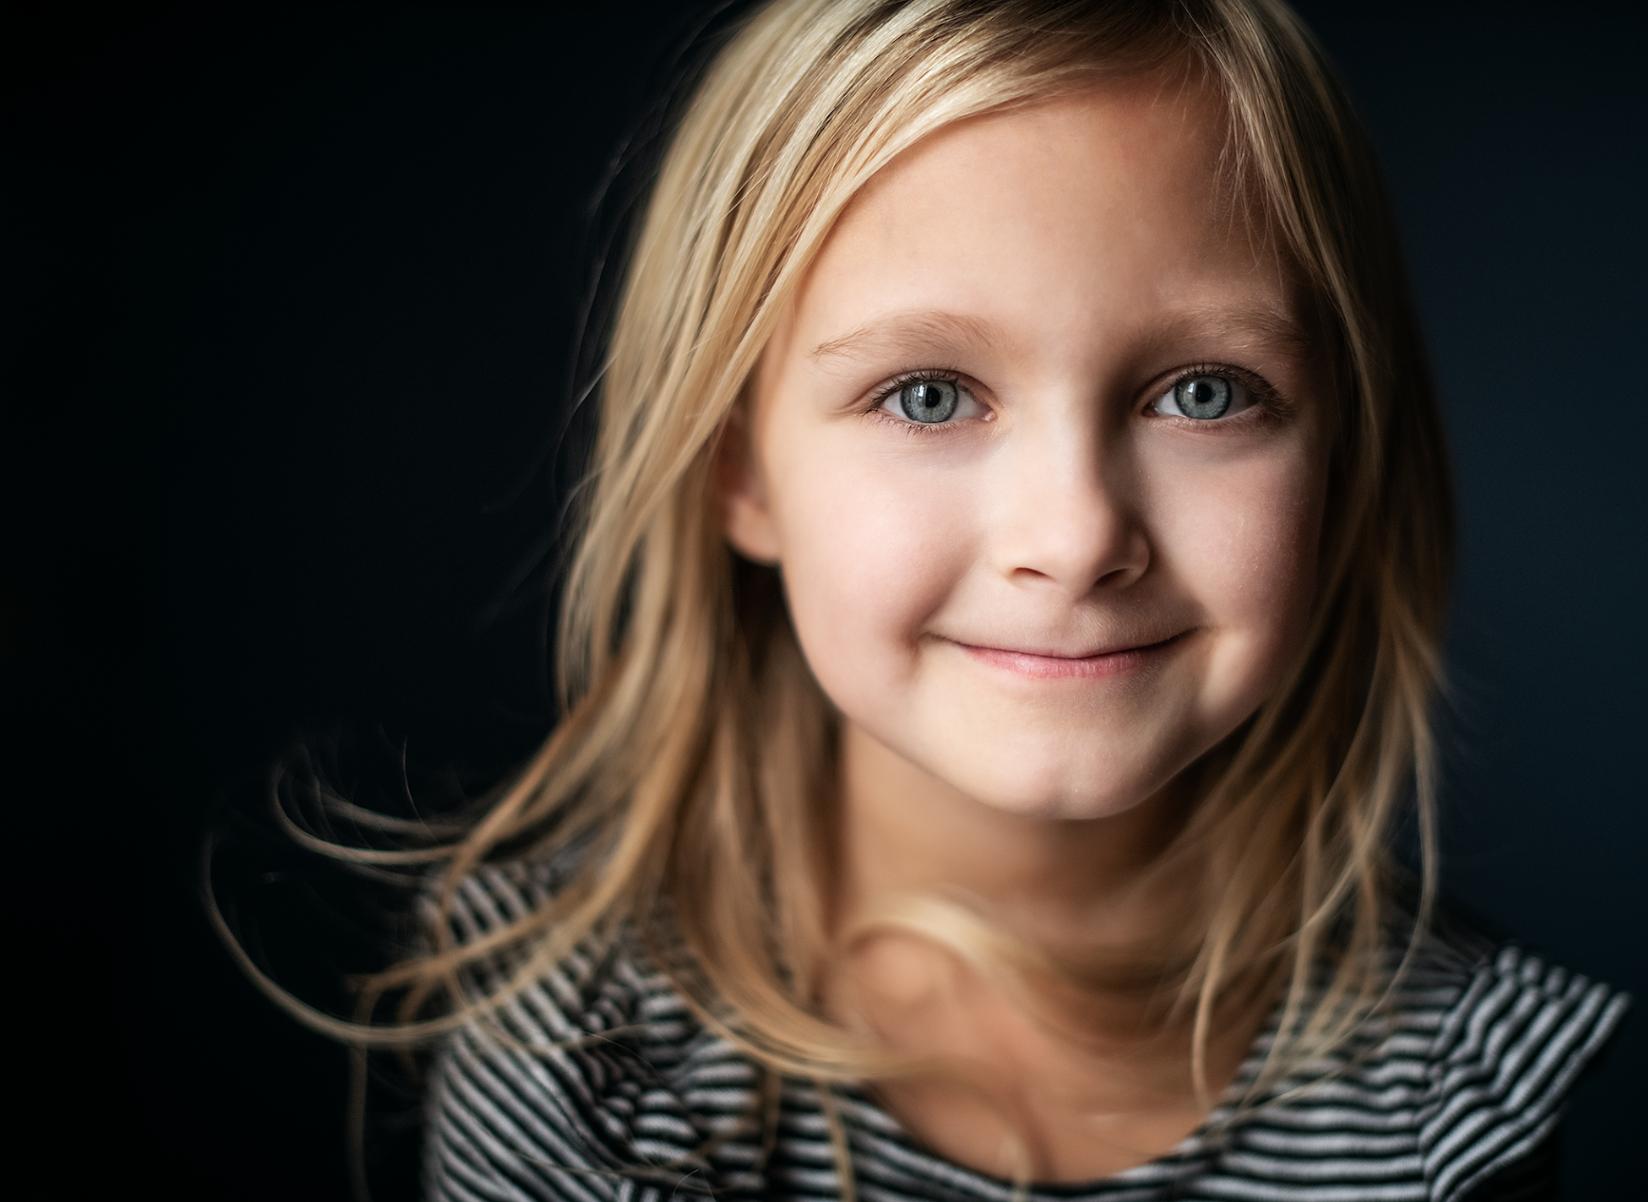 portrait-blonde-girl-kate-luber-50mm-lens